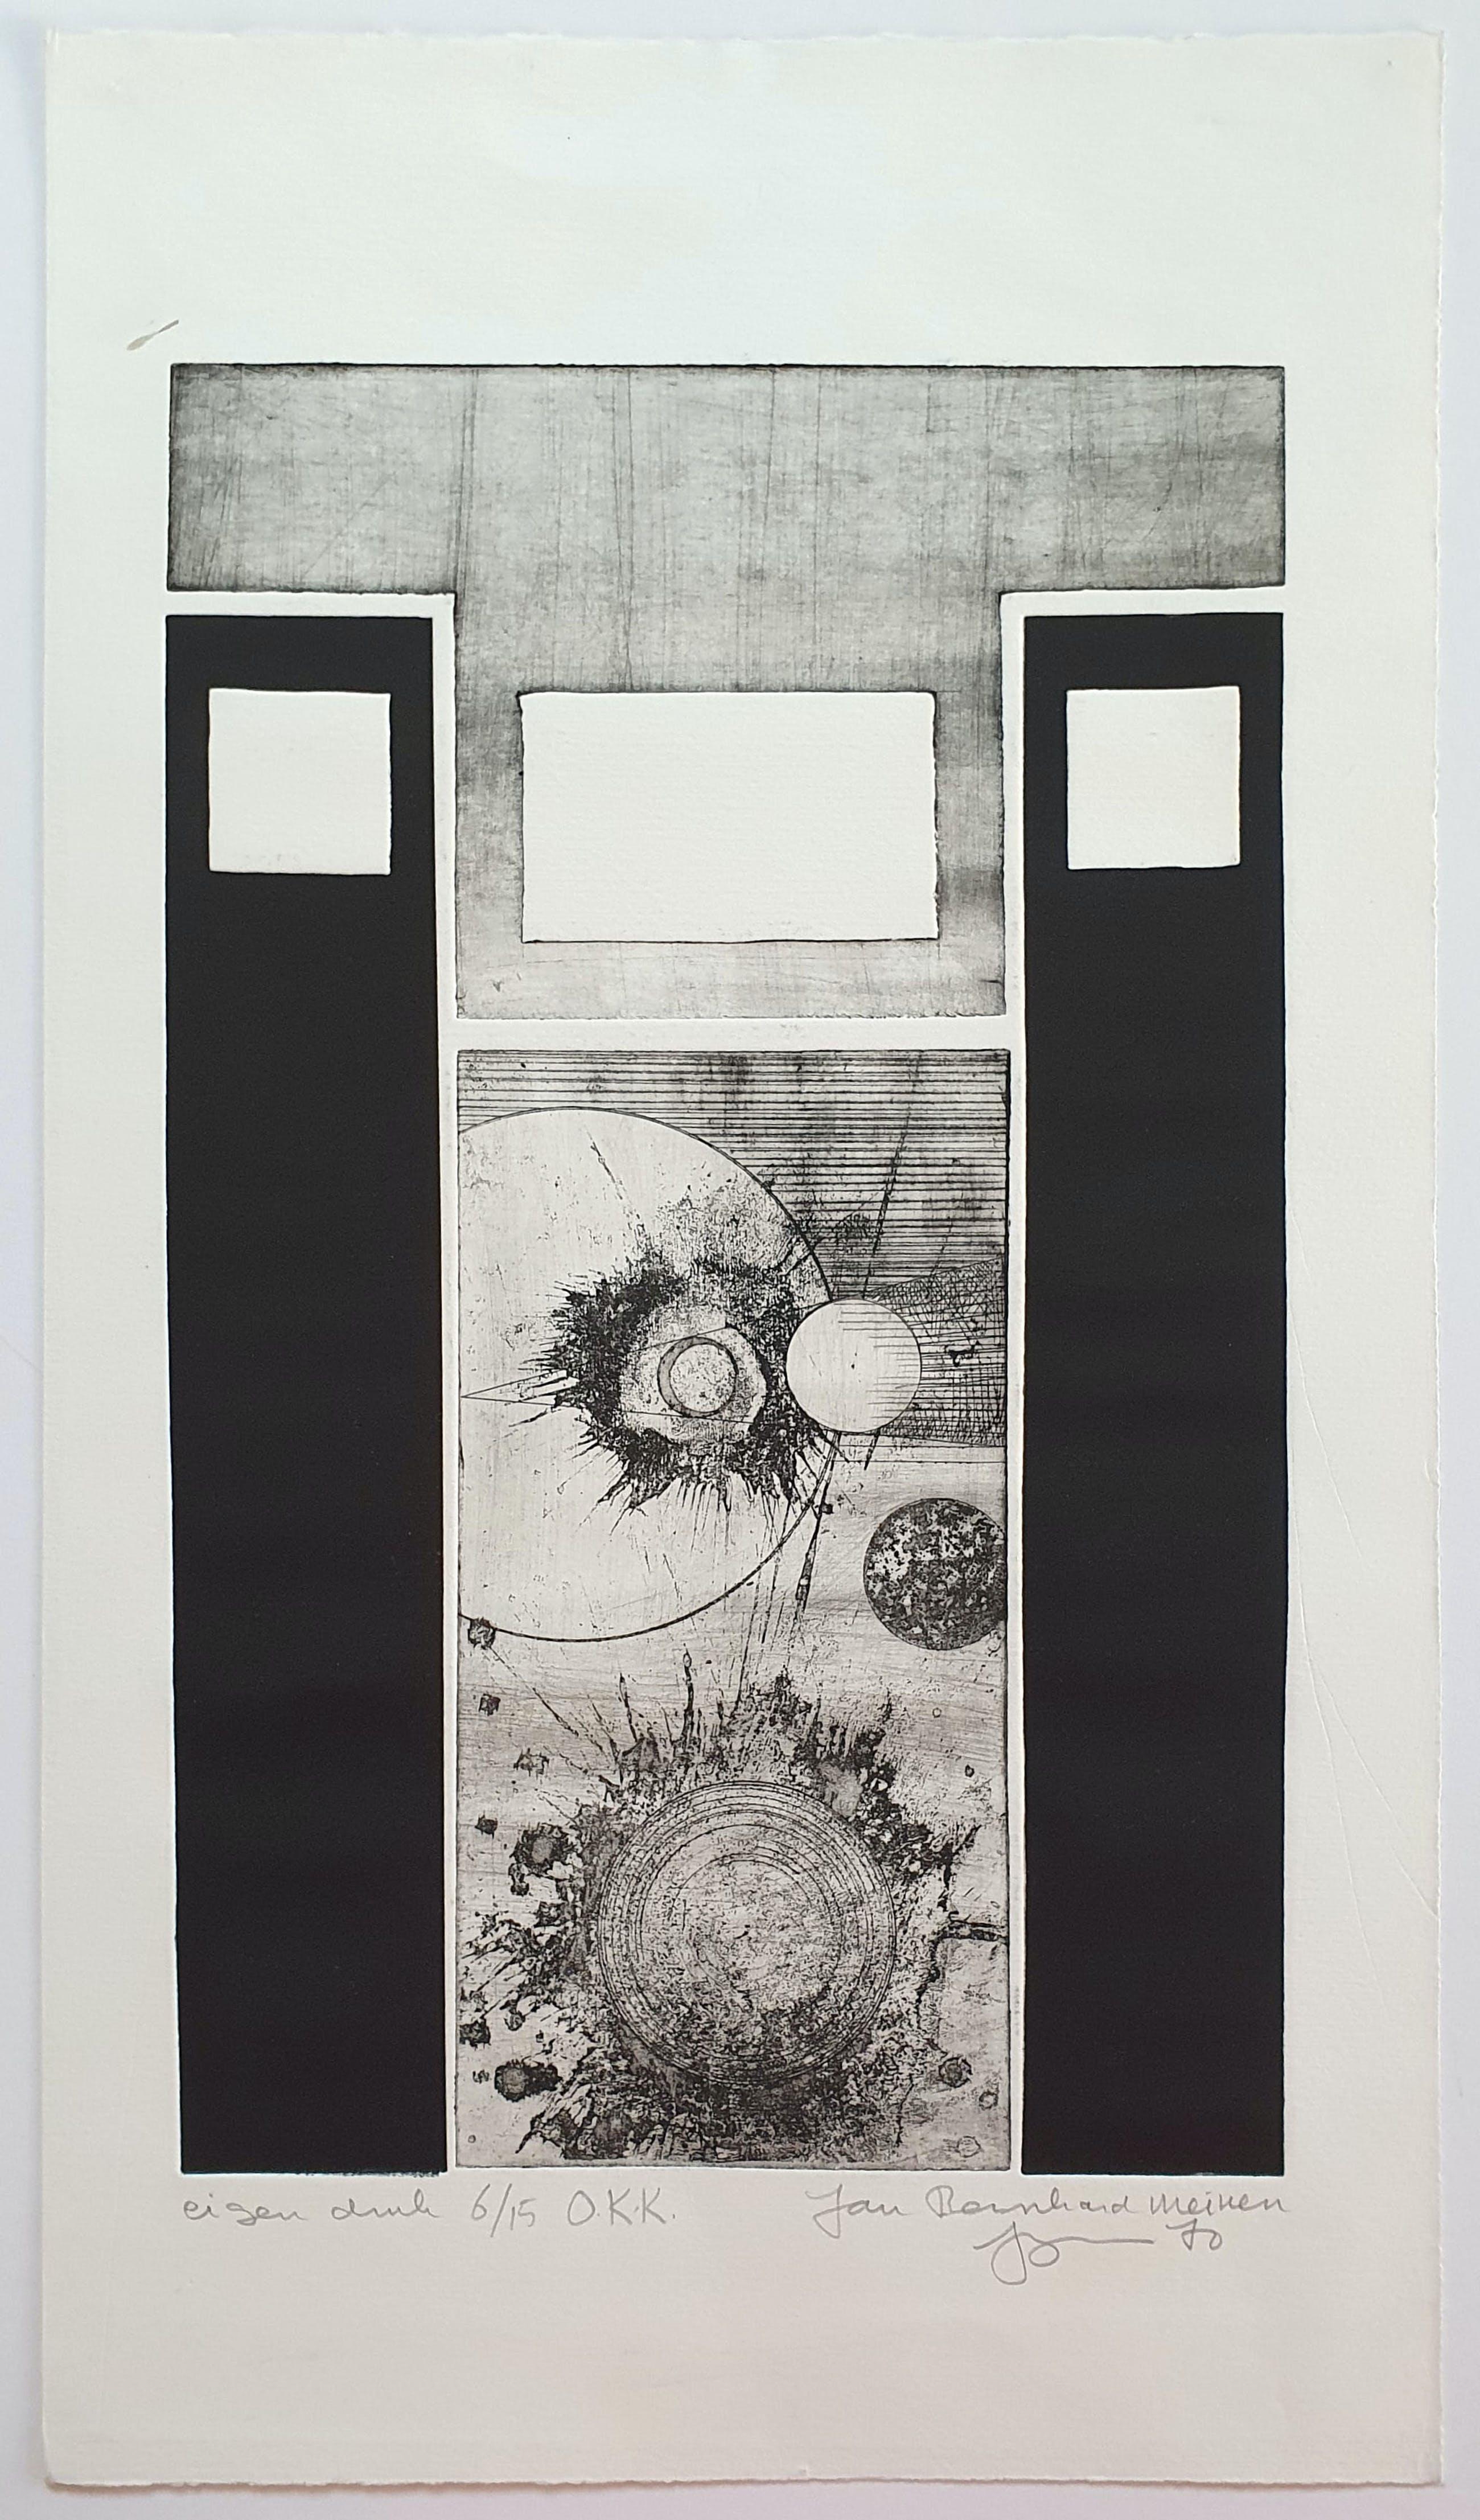 Jan Bernard Meinen - O.K.K. (Abstracte compositie met geometrische vormen) kopen? Bied vanaf 45!